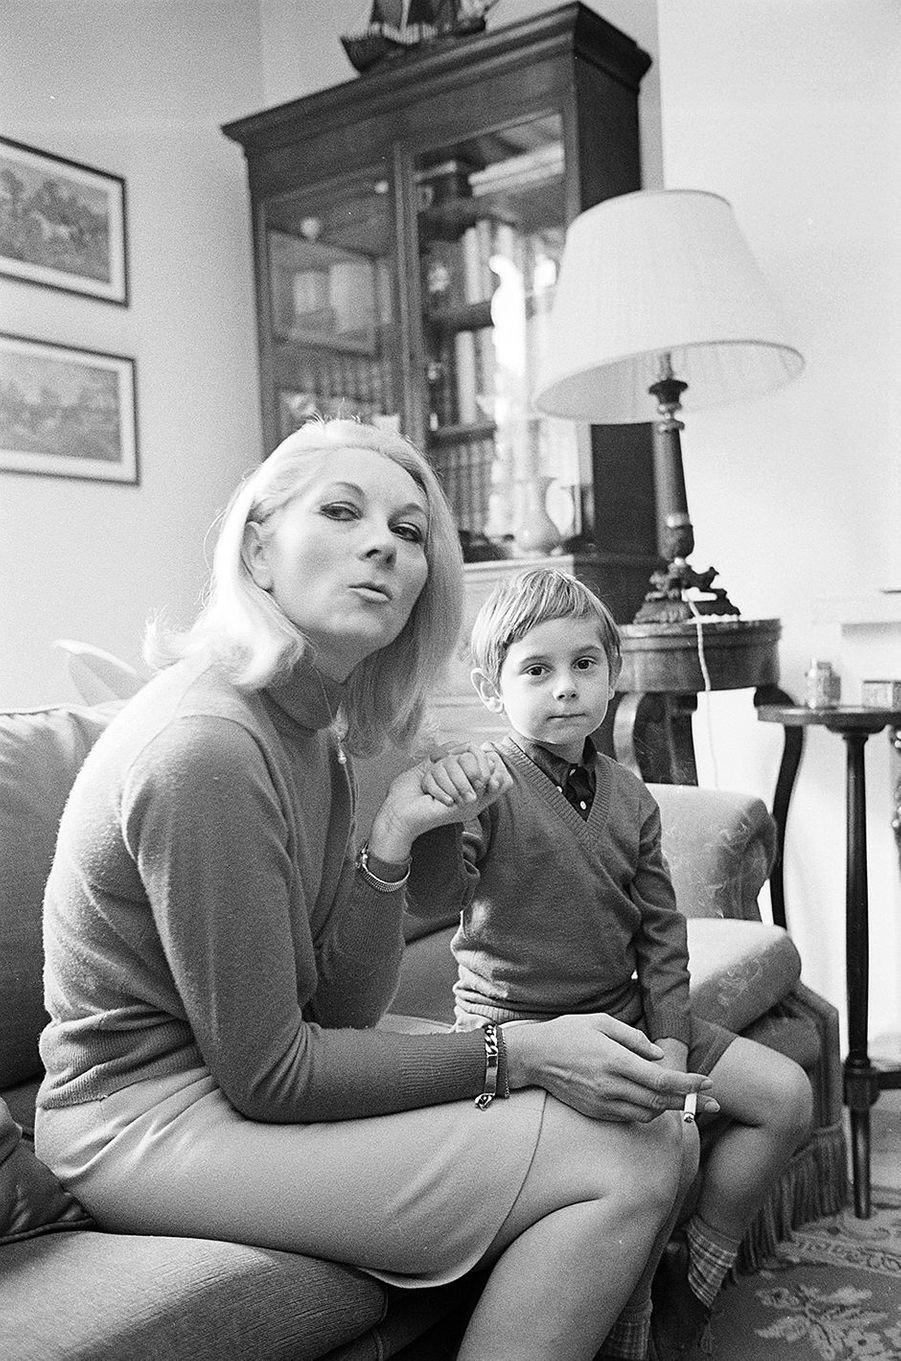 Claude Gensac dans son appartement de Neuilly avec son fils Frédéric, âgé de 5 ans. Février 1968.